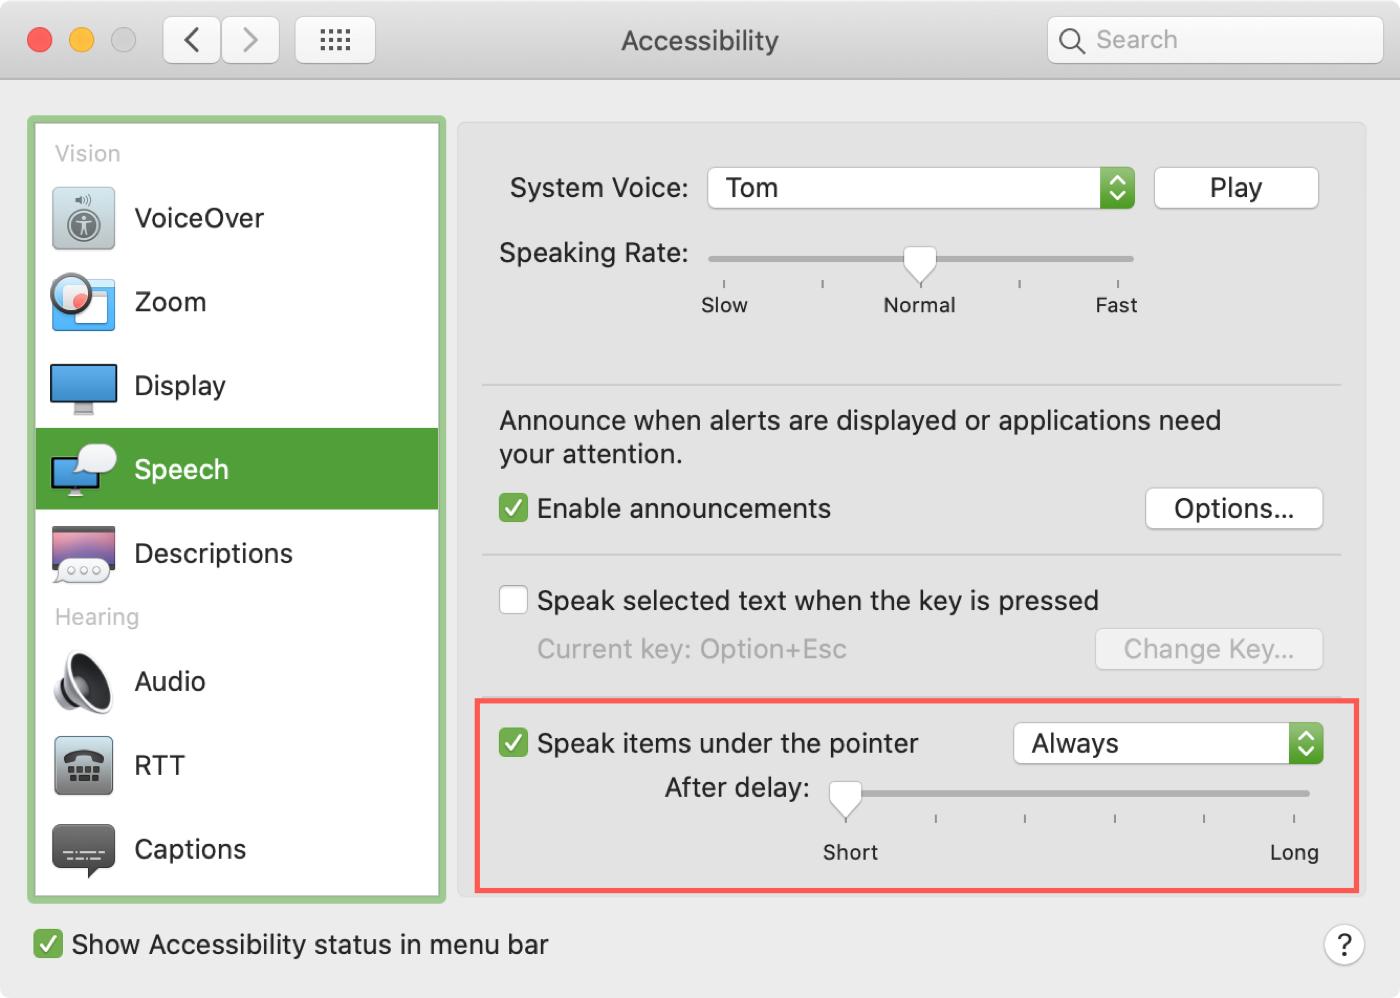 Mac Speak Items Under Pointer